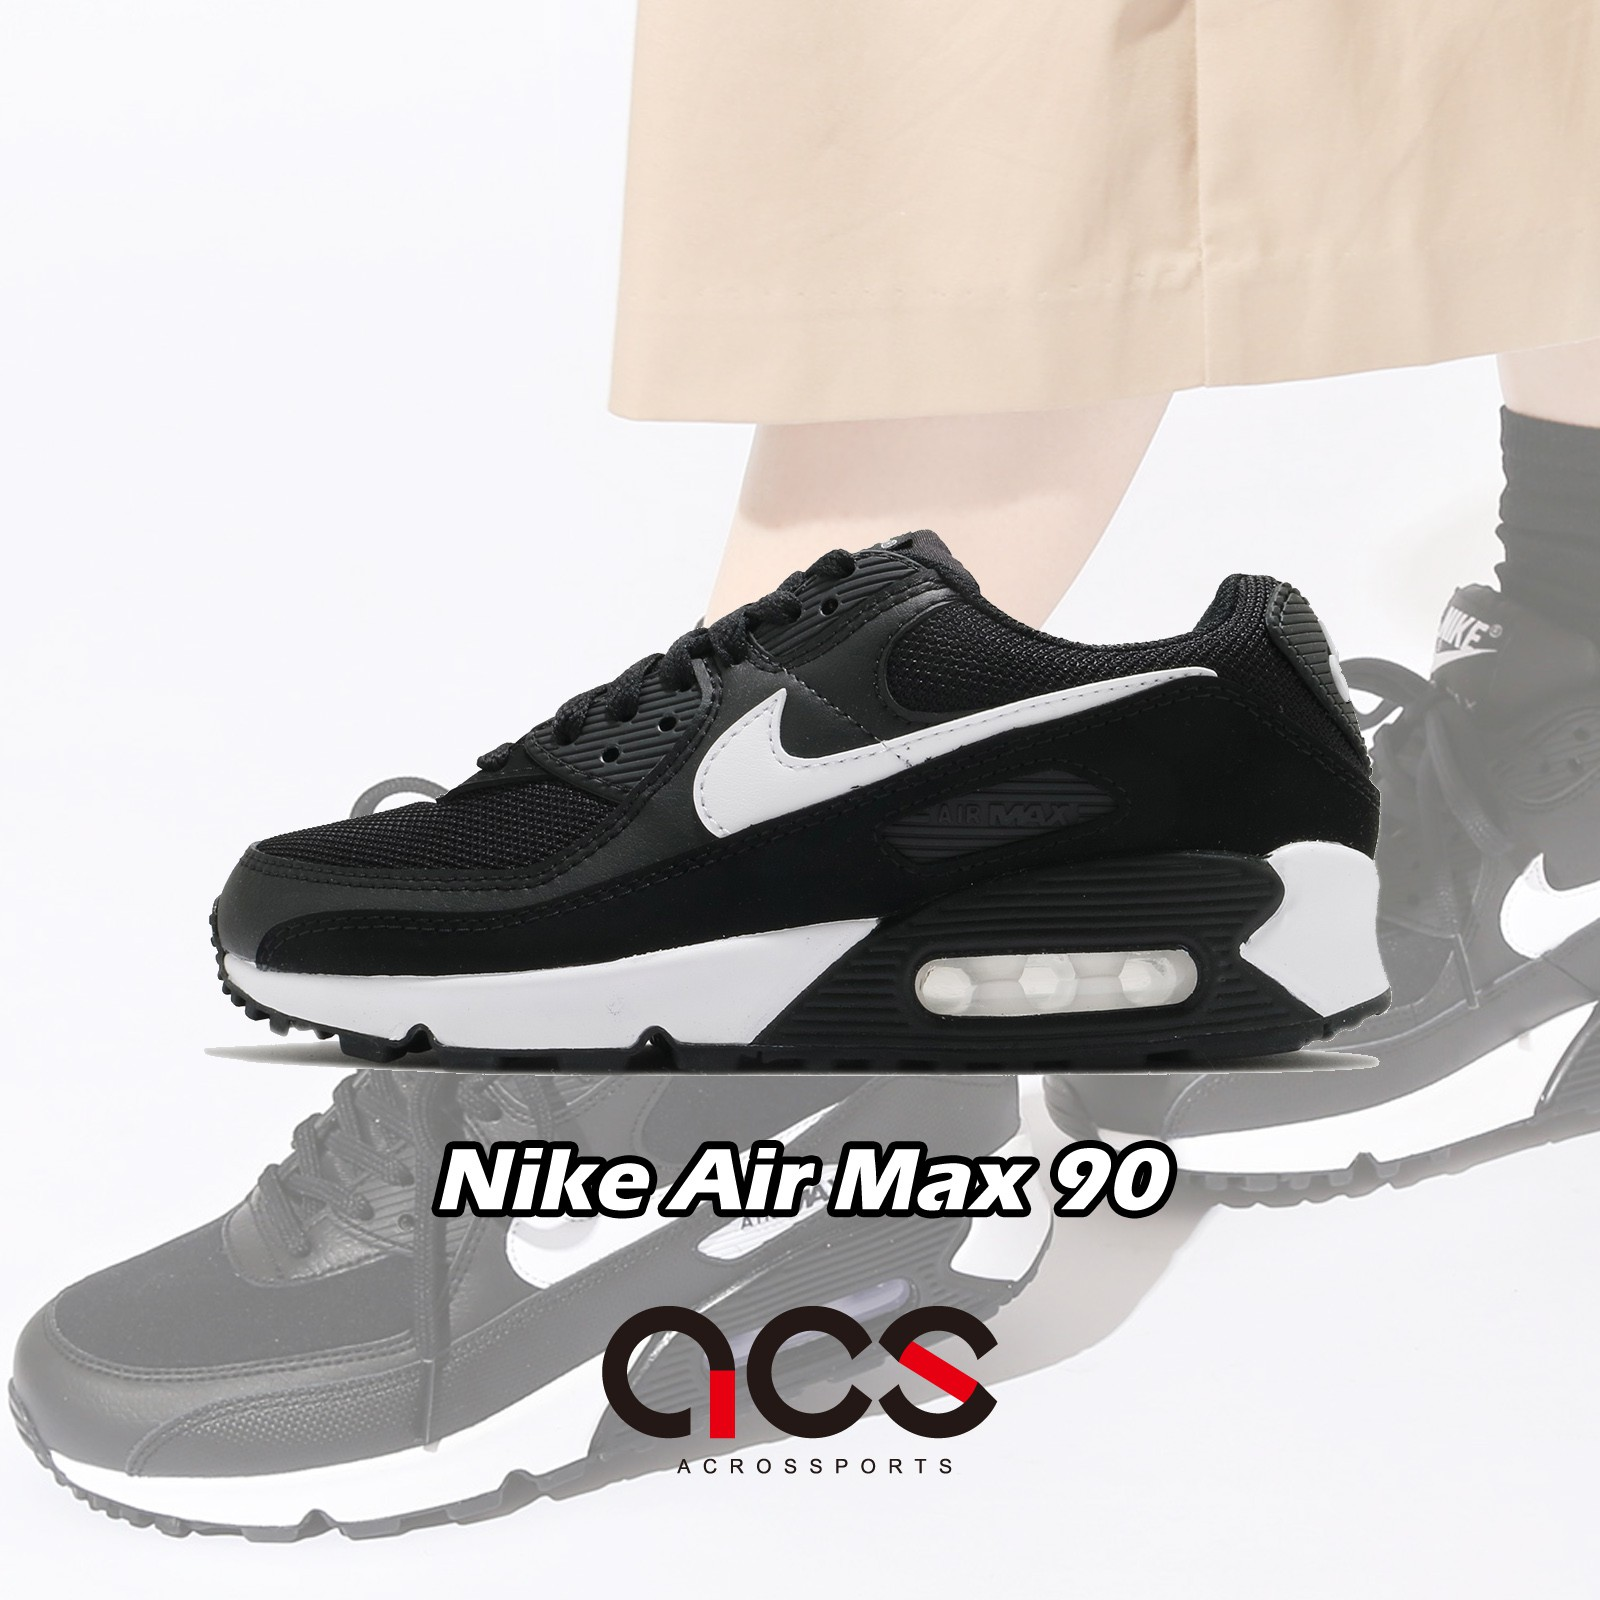 Nike 休閒鞋 Wmns Air Max 90 黑 白 氣墊 經典款 女鞋 百搭配色【ACS】 CQ2560-001